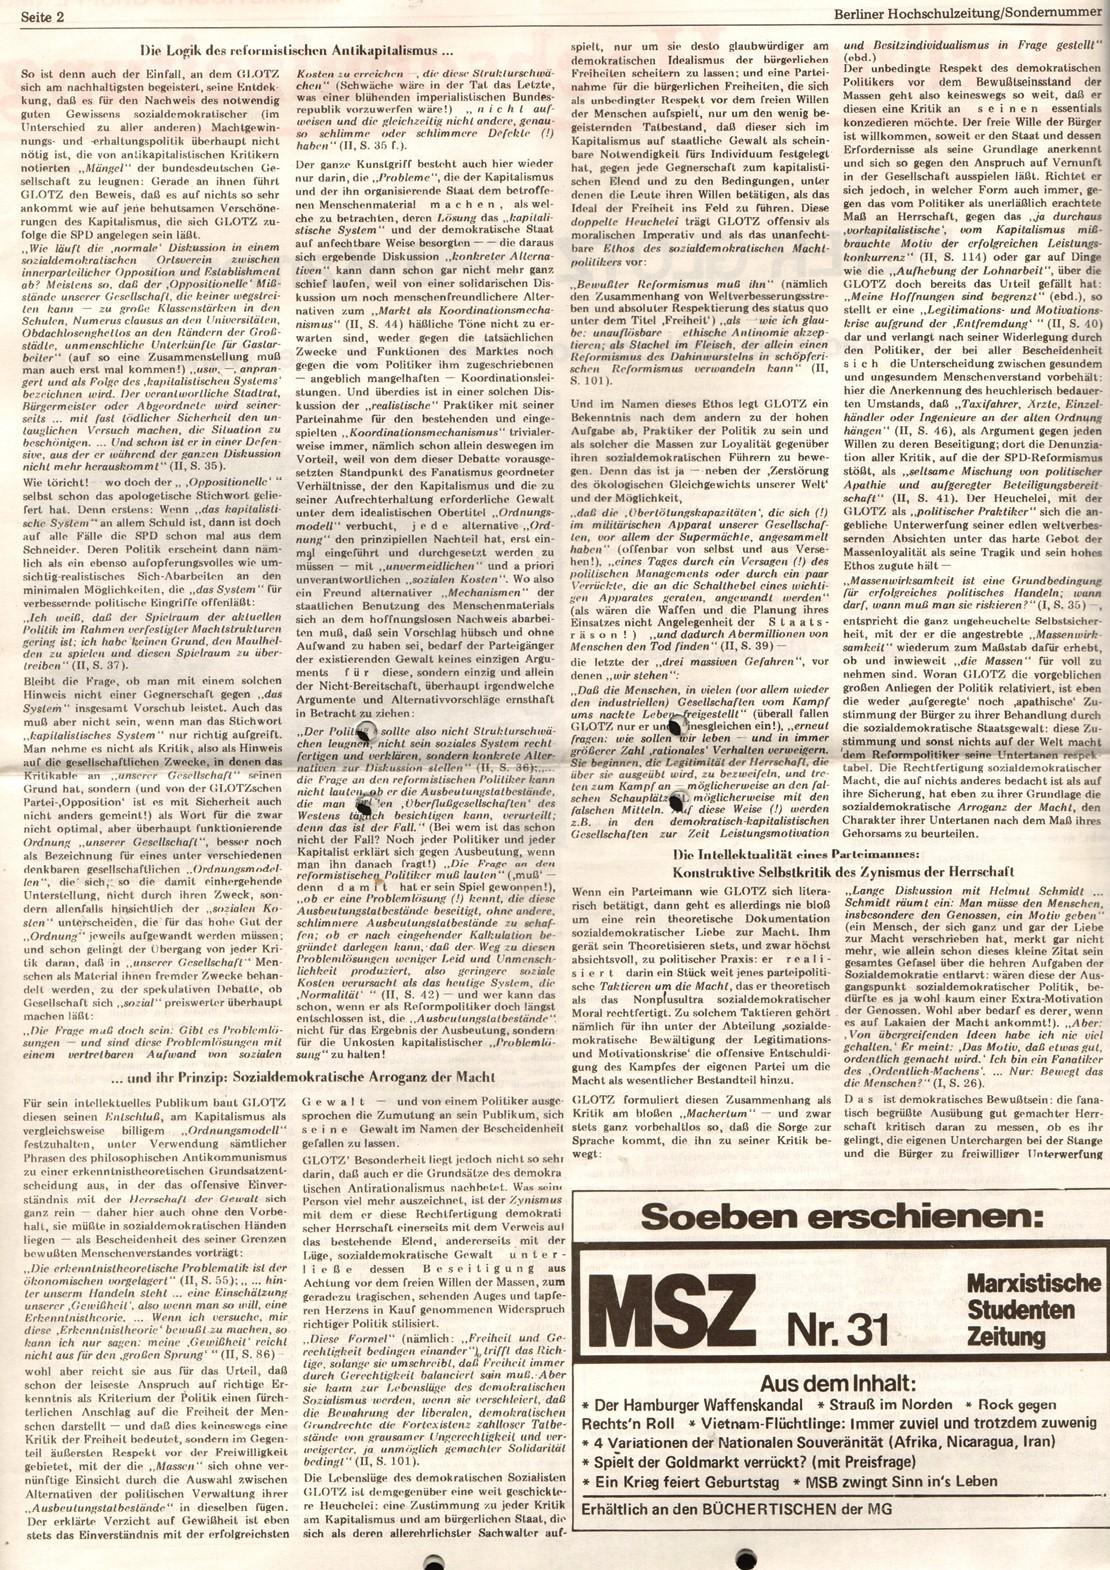 Berlin_MG_Hochschulzeitung_19791100_02